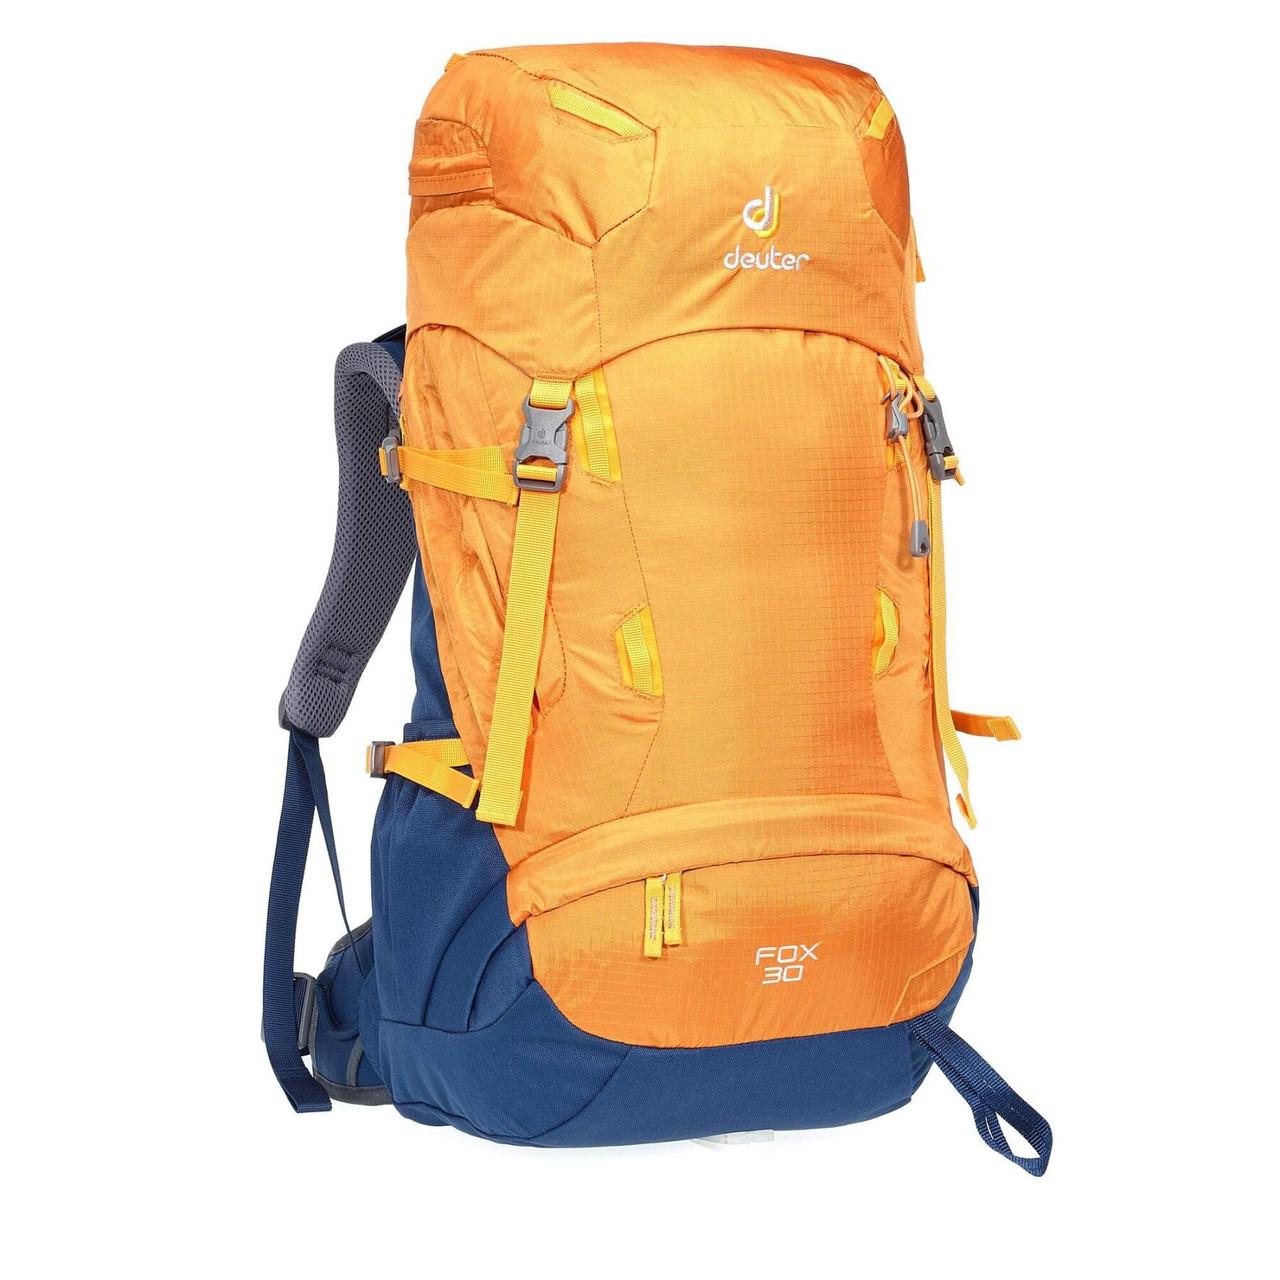 Підлітковий Рюкзак Deuter Fox 30 mango-midnight (3613018 9302)